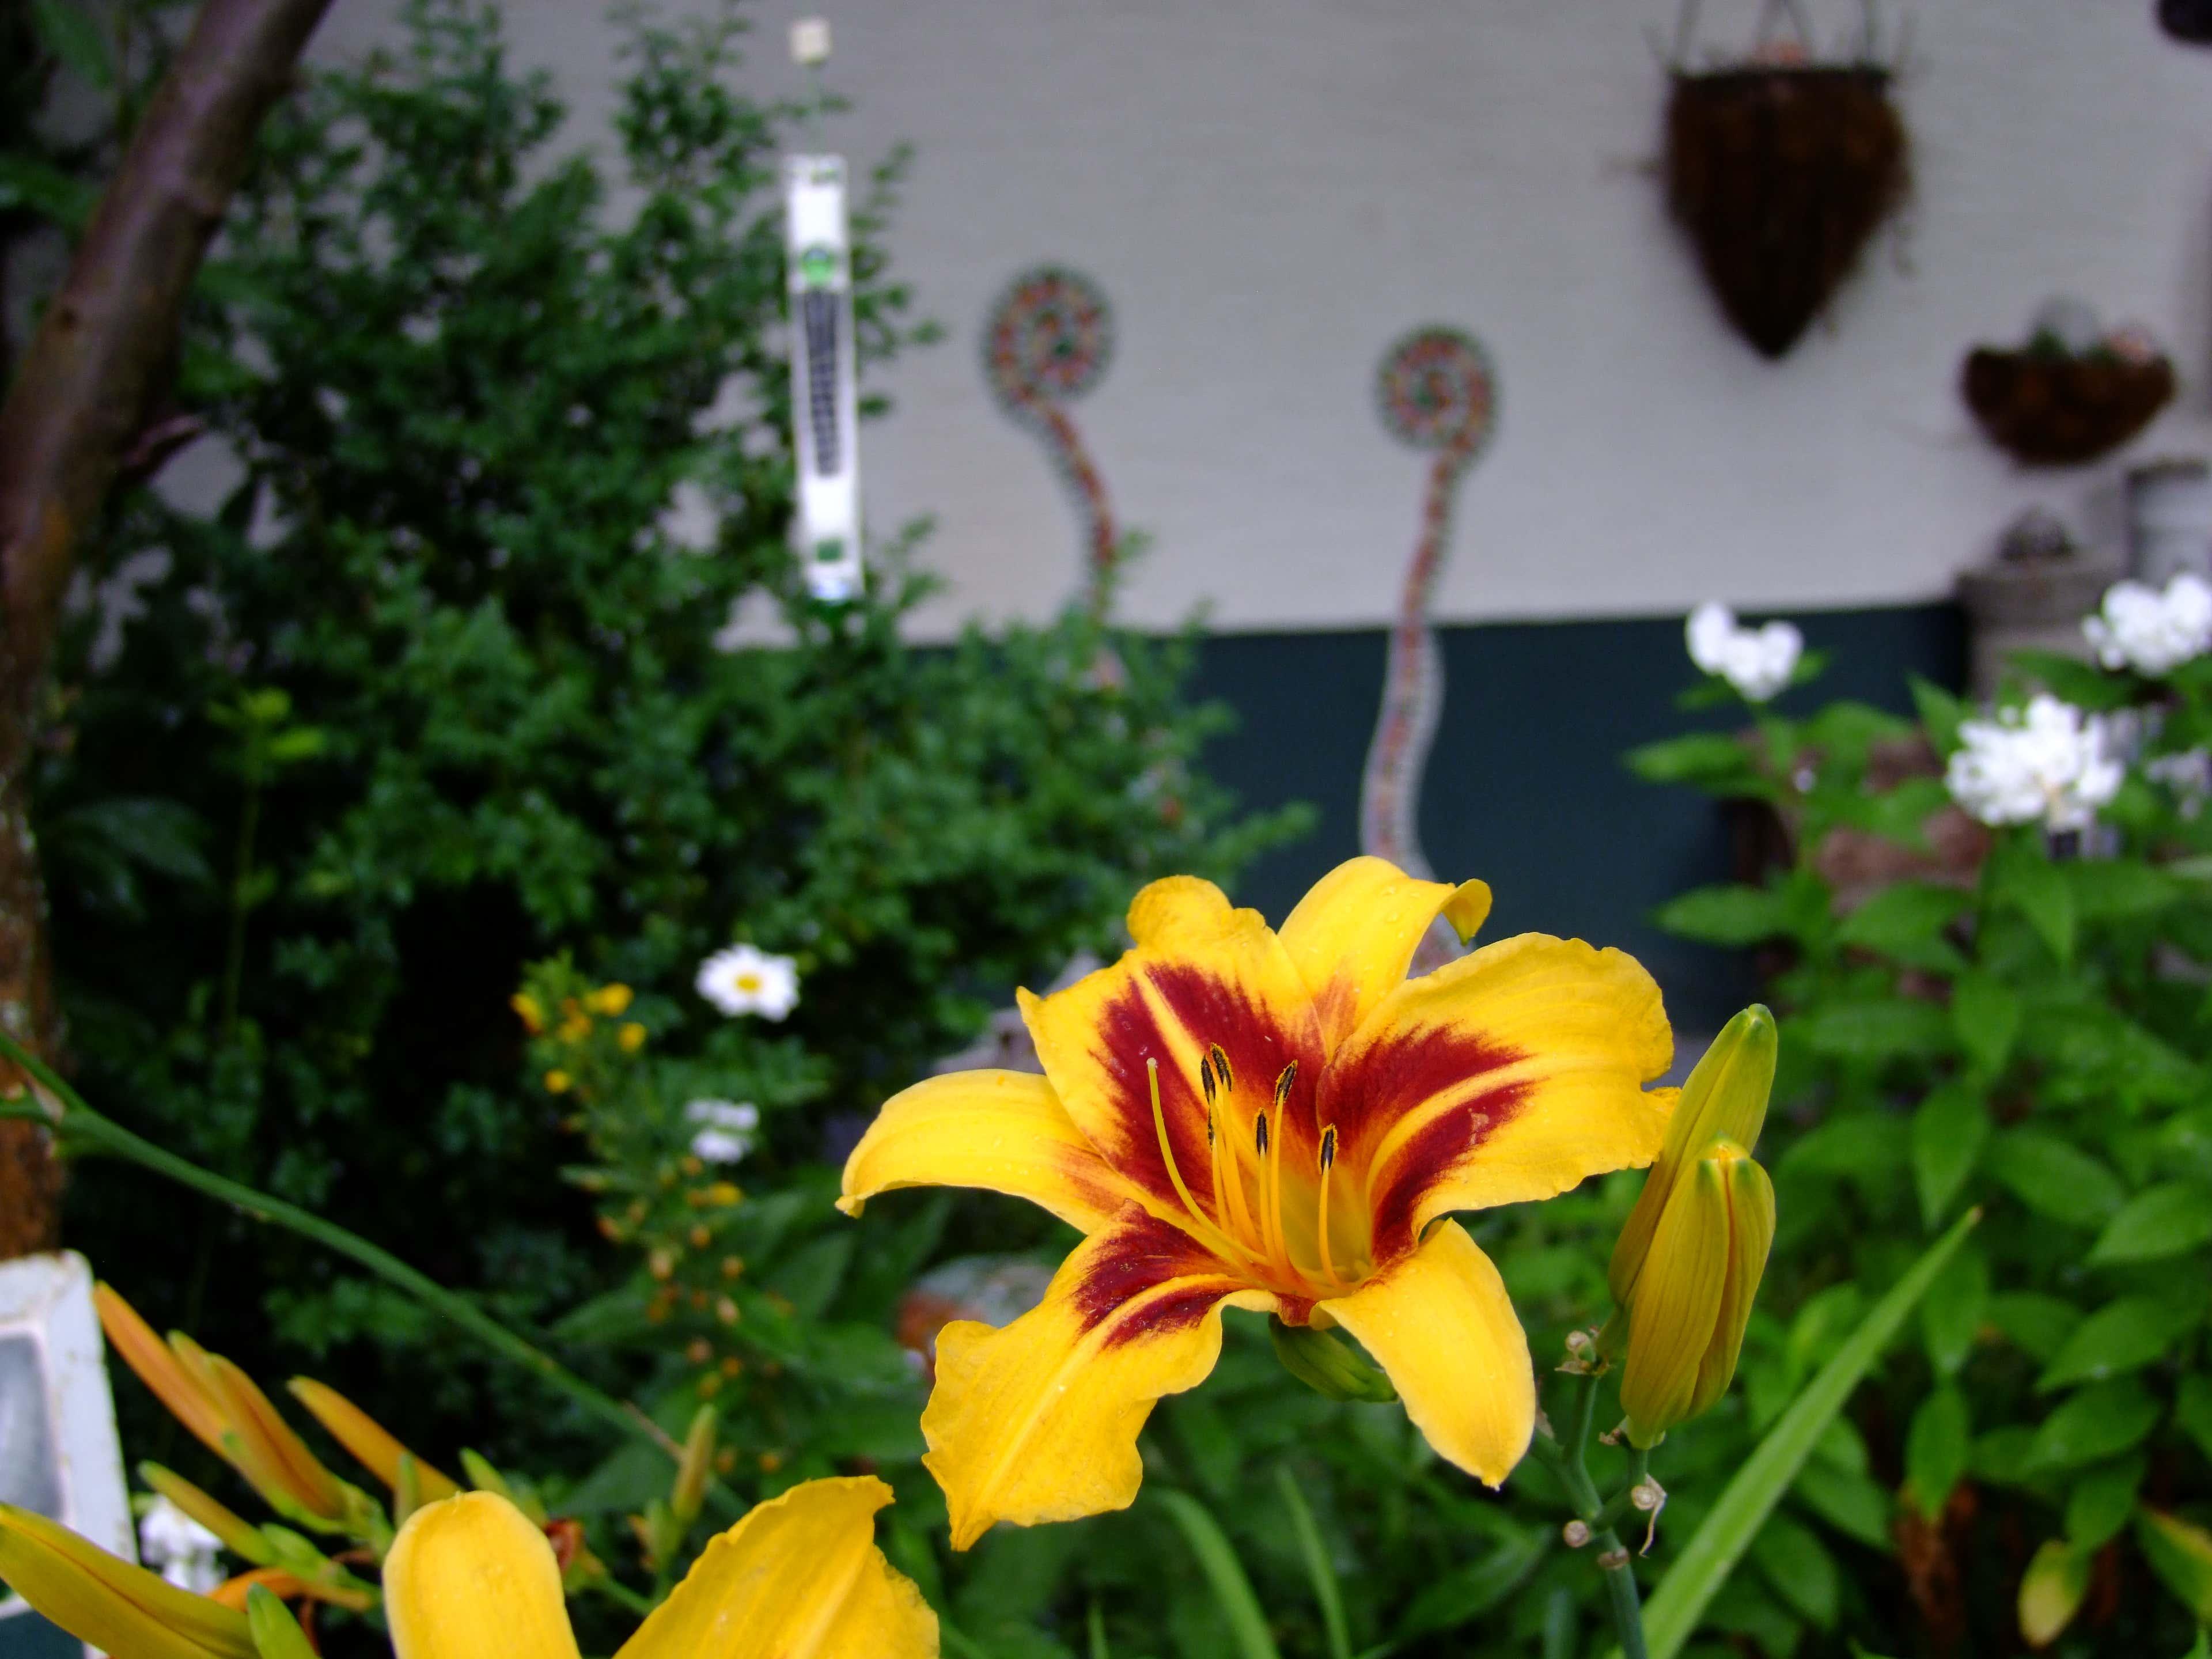 …passt farblich perfekt zu den Taglilien.